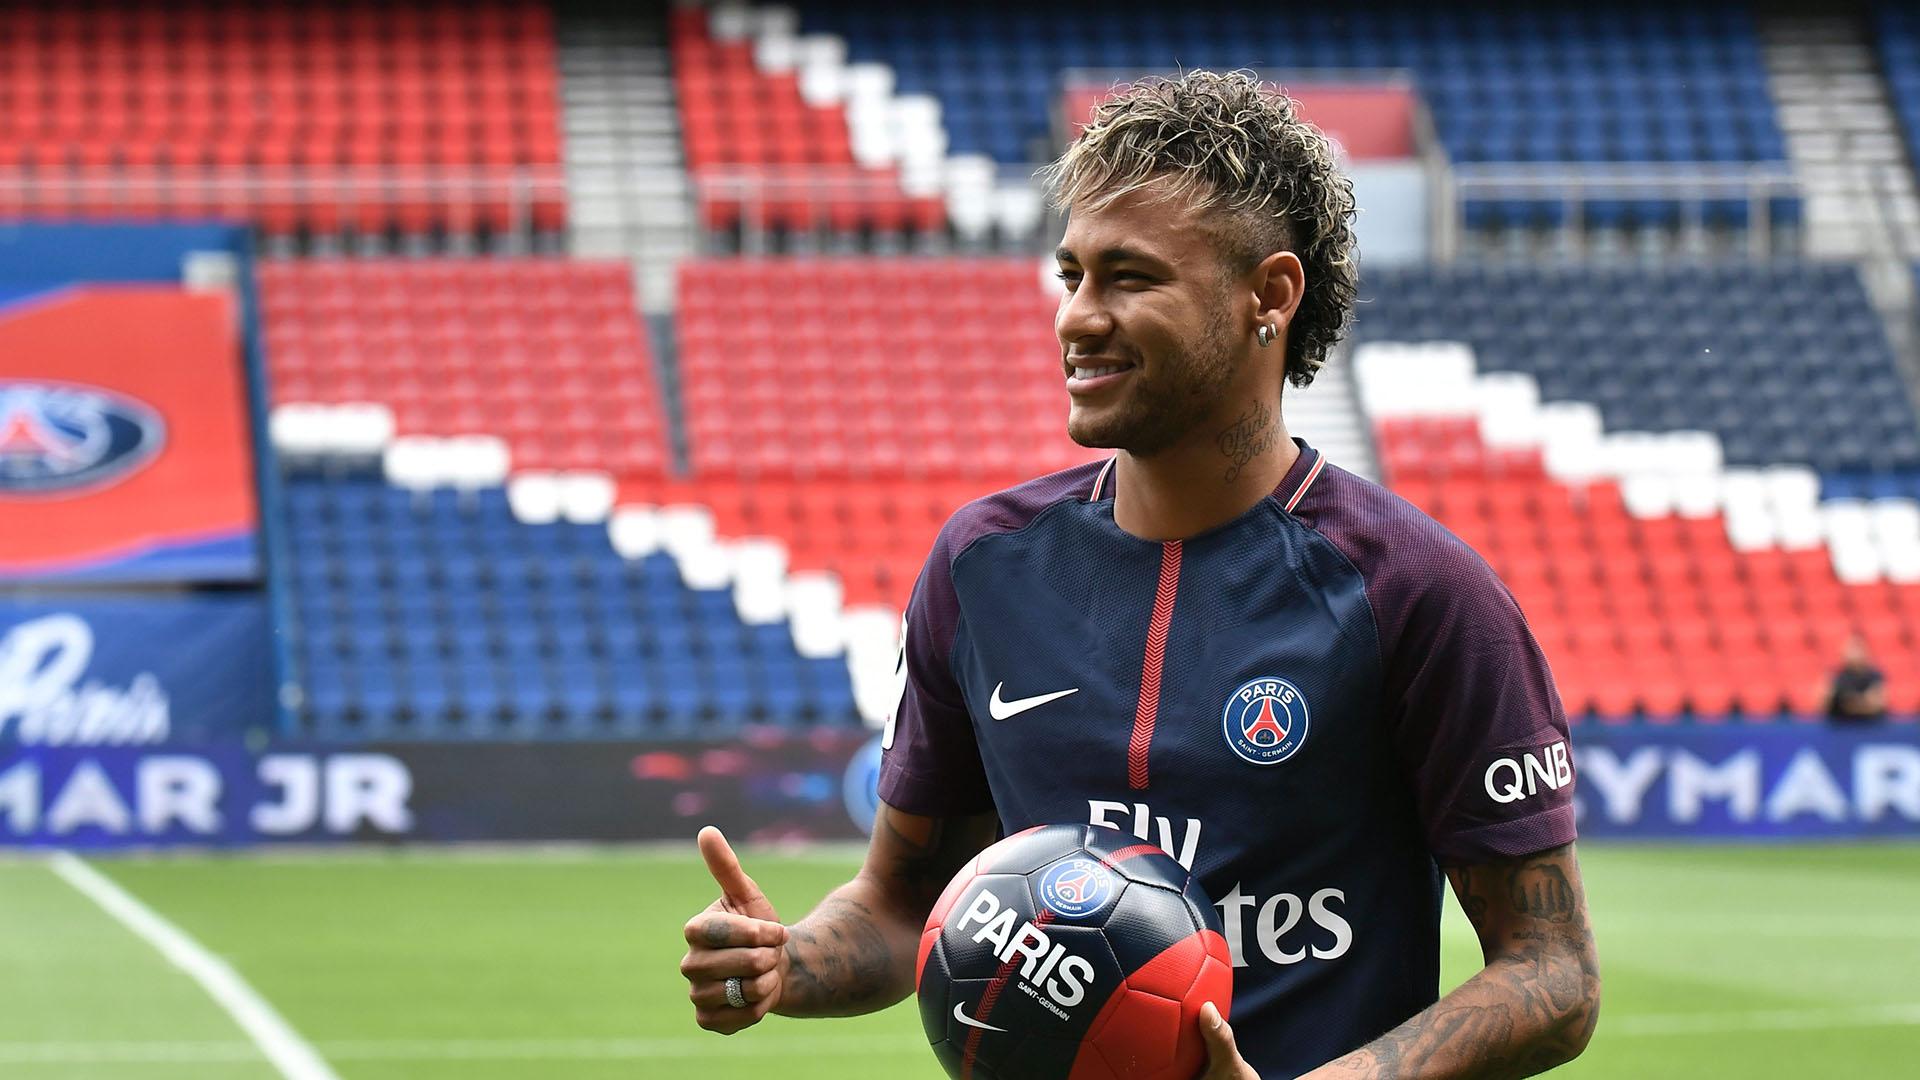 """Là người của PSG từ tuần trước, vì sao Neymar vẫn """"ngồi chơi xơi nước"""" cuối tuần này?"""